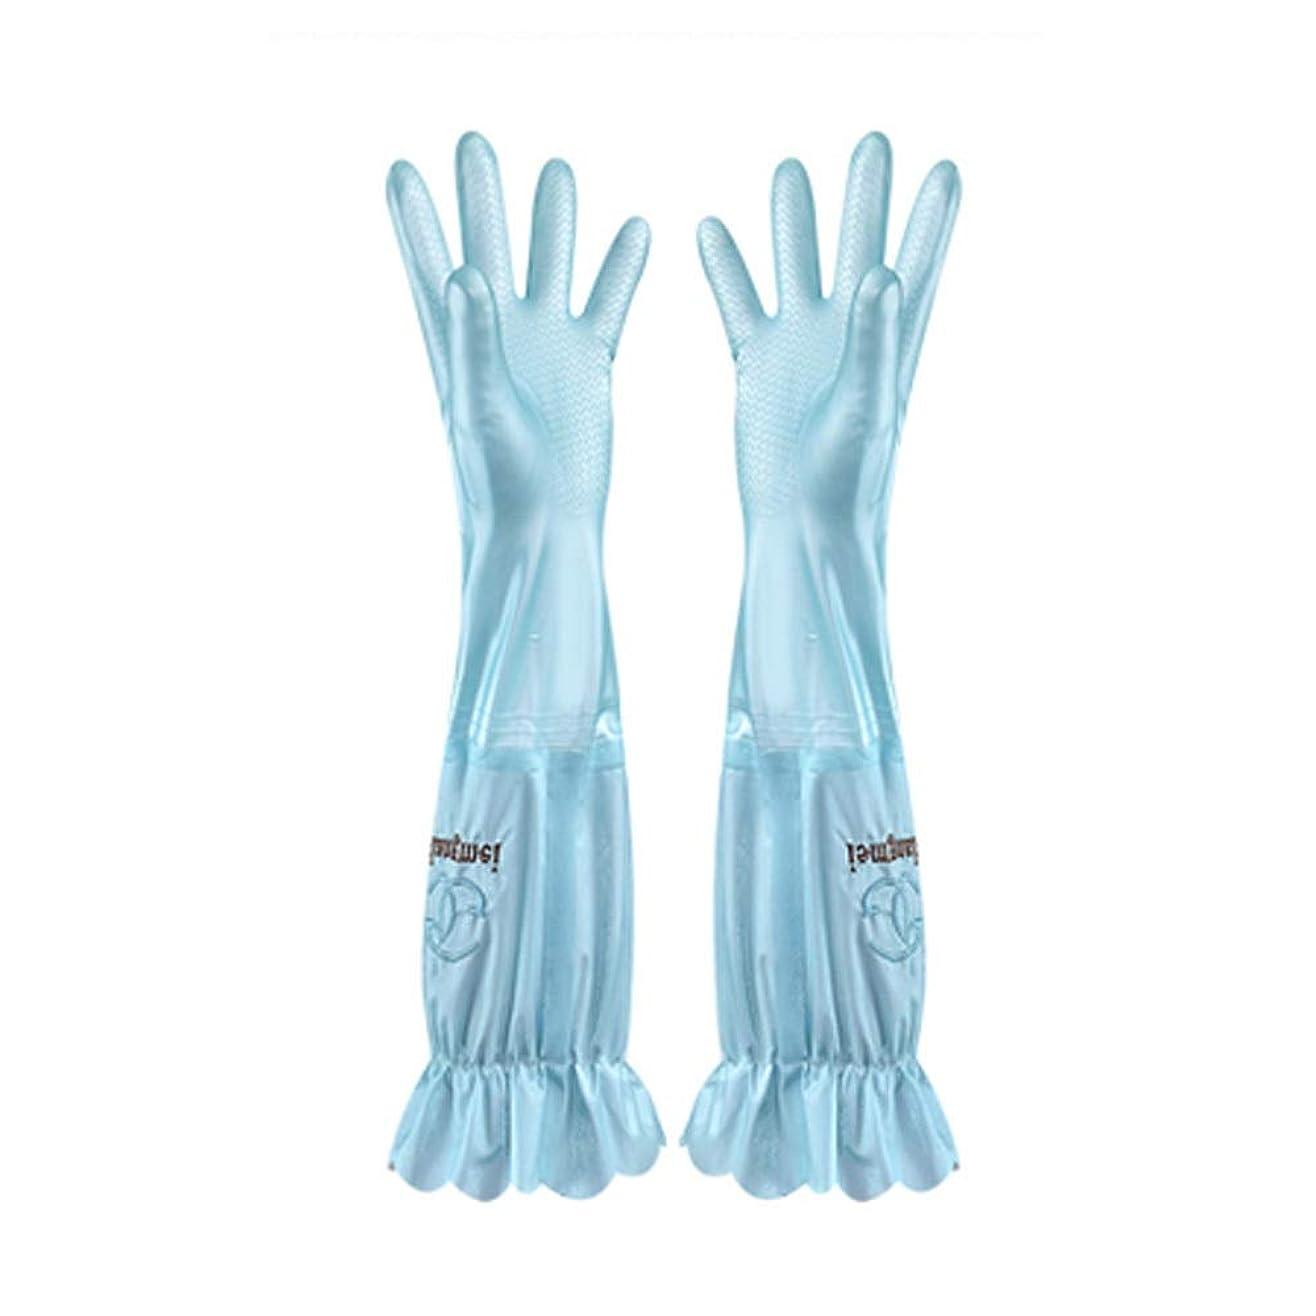 責任者ドリンクダンス使い捨て手袋 食器洗い用手袋水耐久性のあるゴム製台所ゴム製厚いセクションプラスベルベットの手袋、1ペア ニトリルゴム手袋 (Color : BLUE, Size : L)